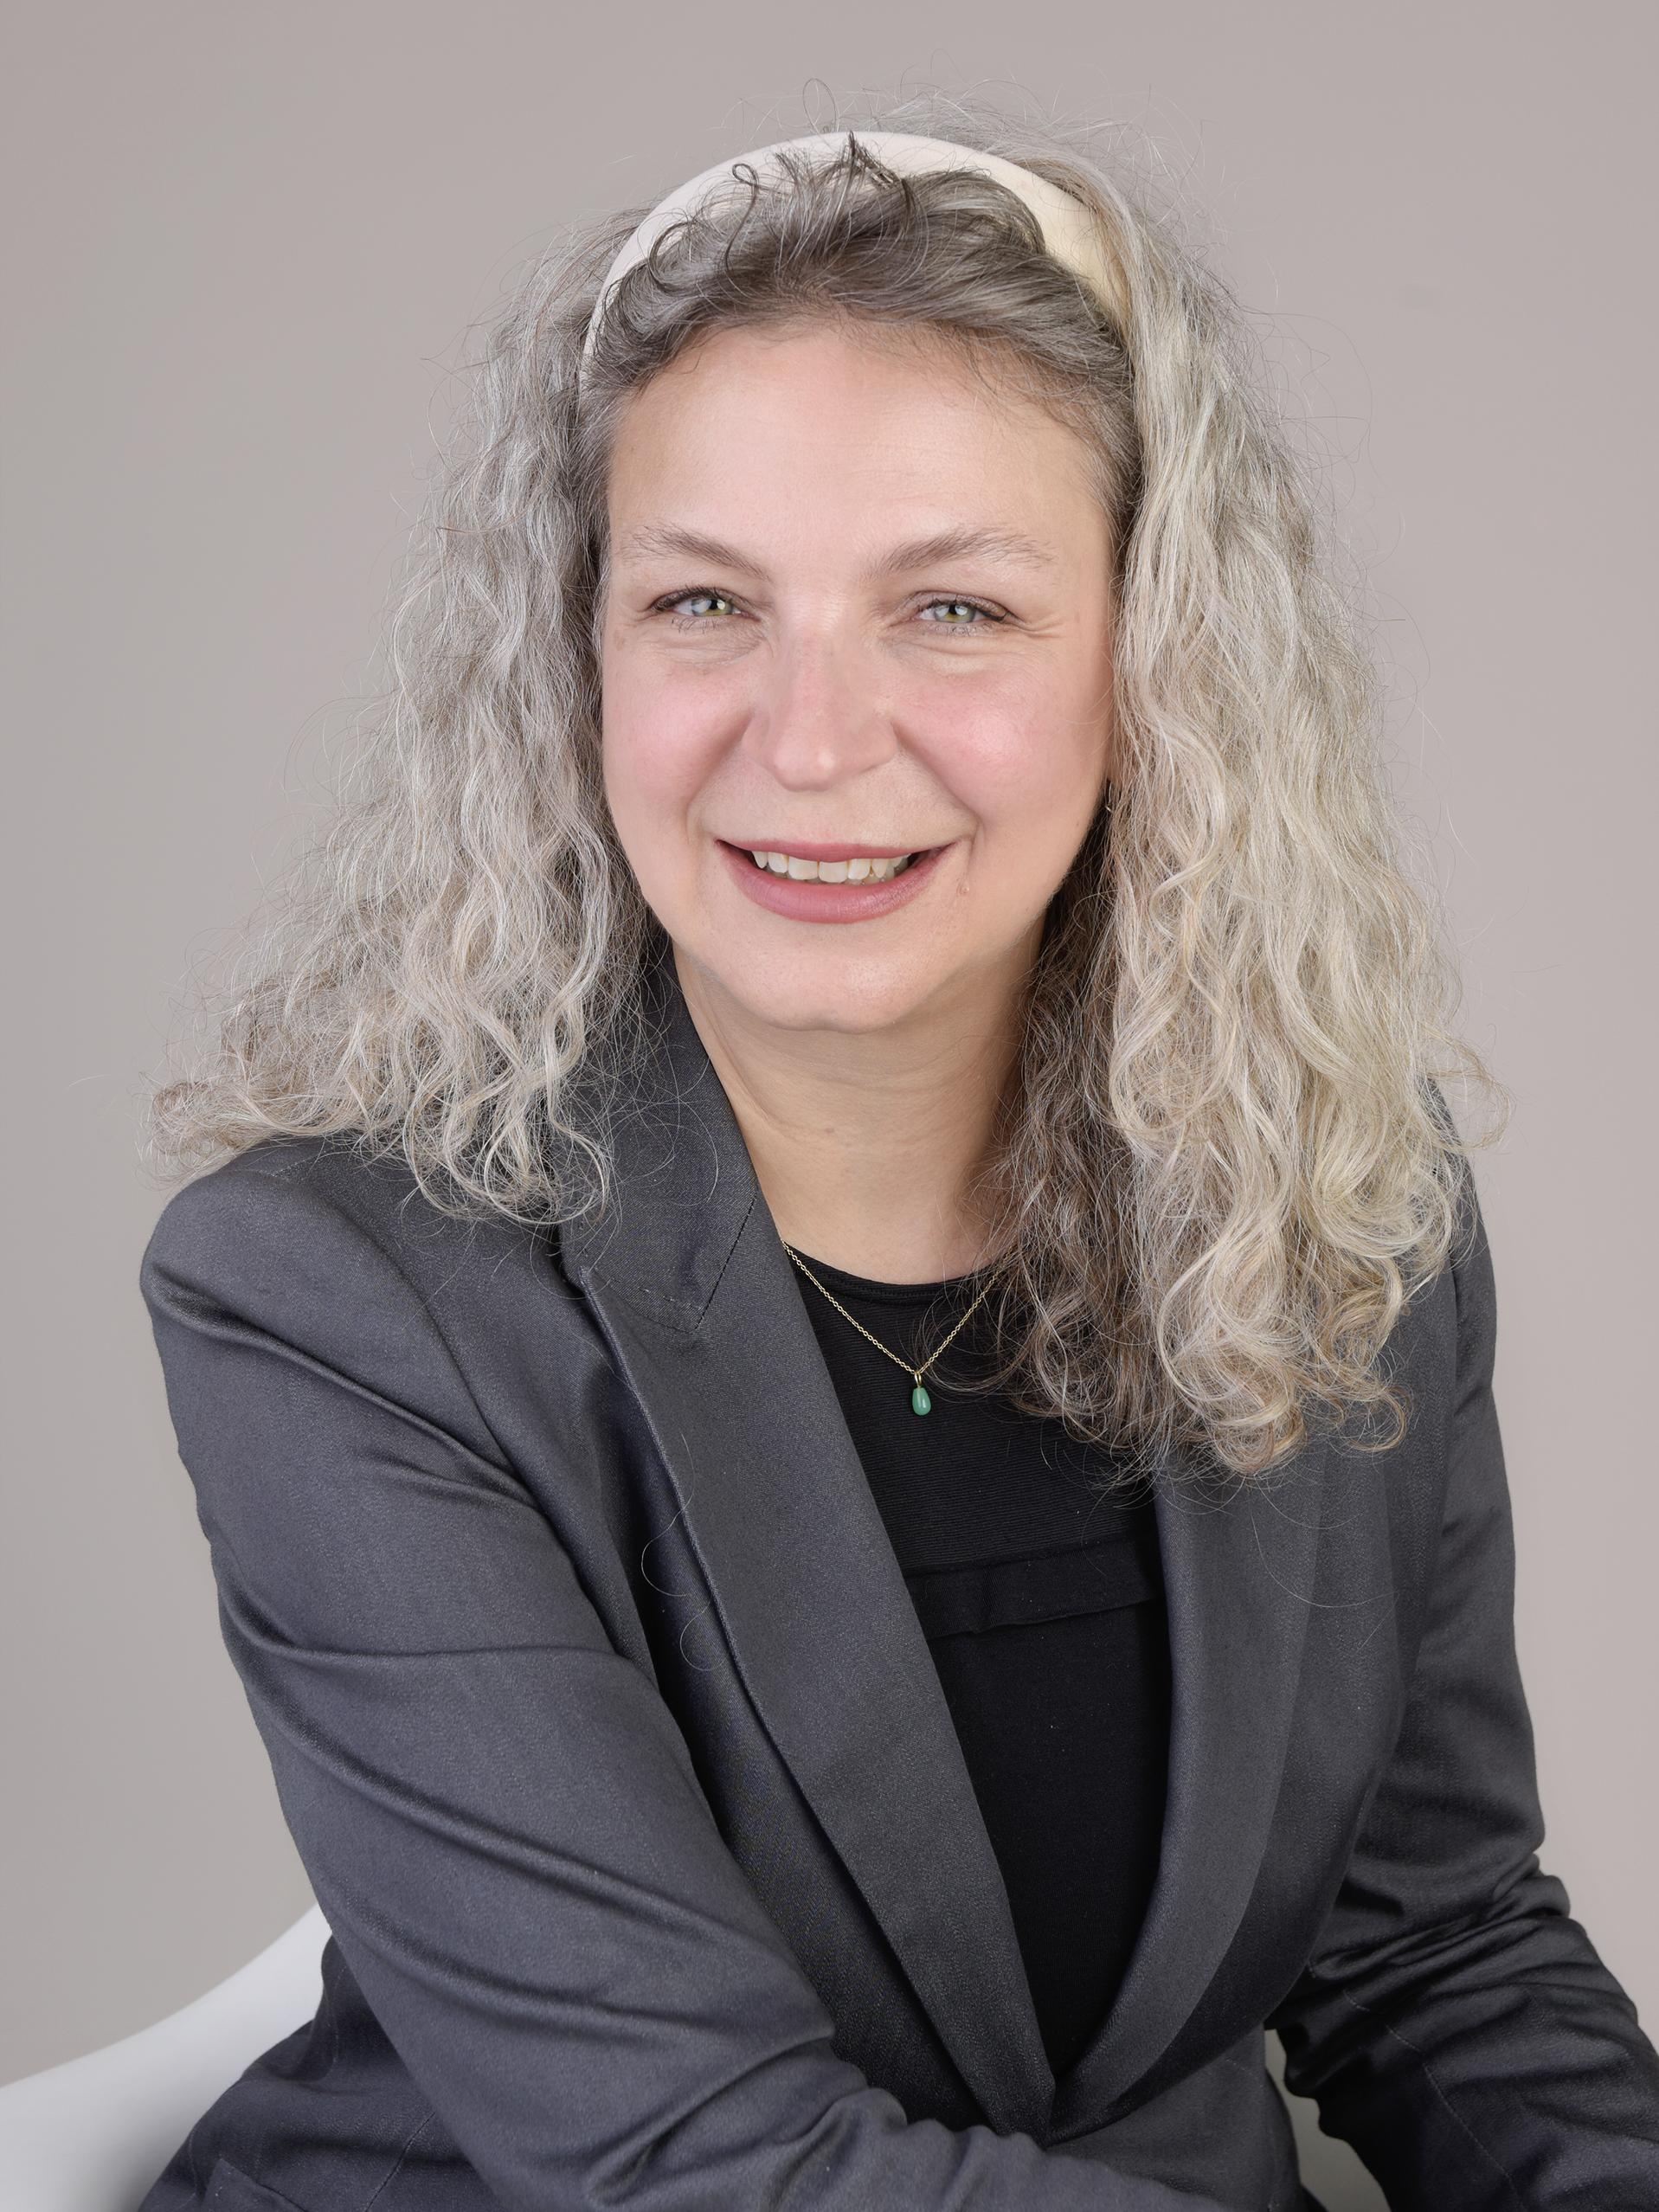 Debbie Britt Mechlenborg